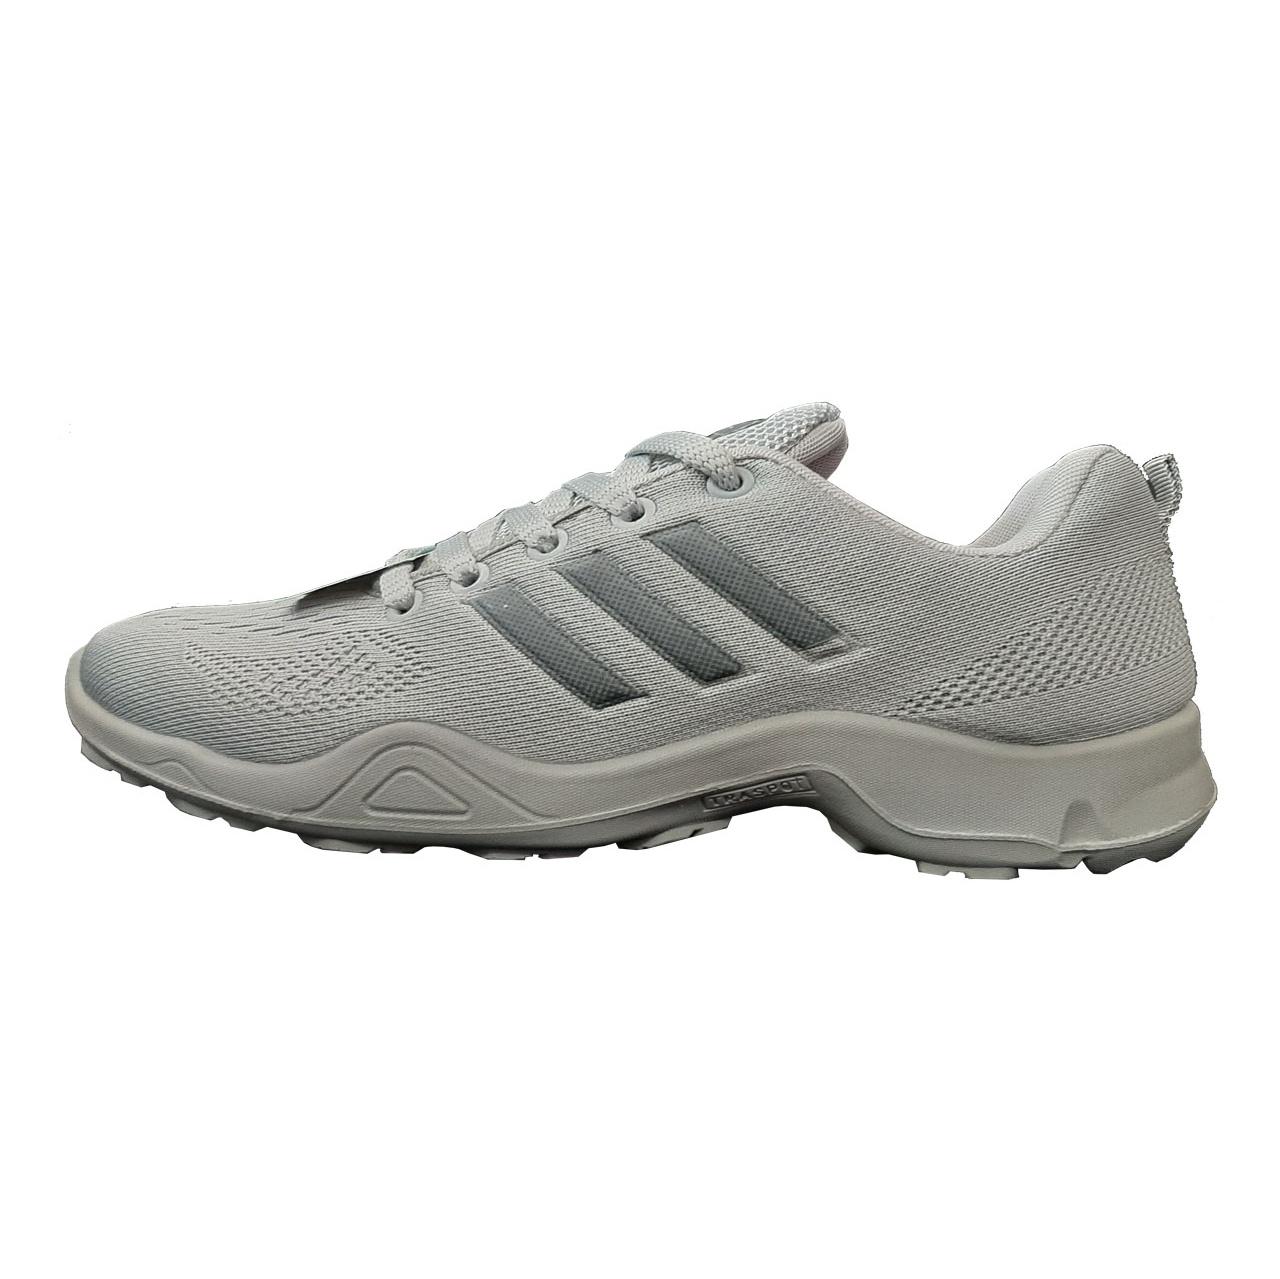 کفش مخصوص پیاده روی زنانه کد 1466